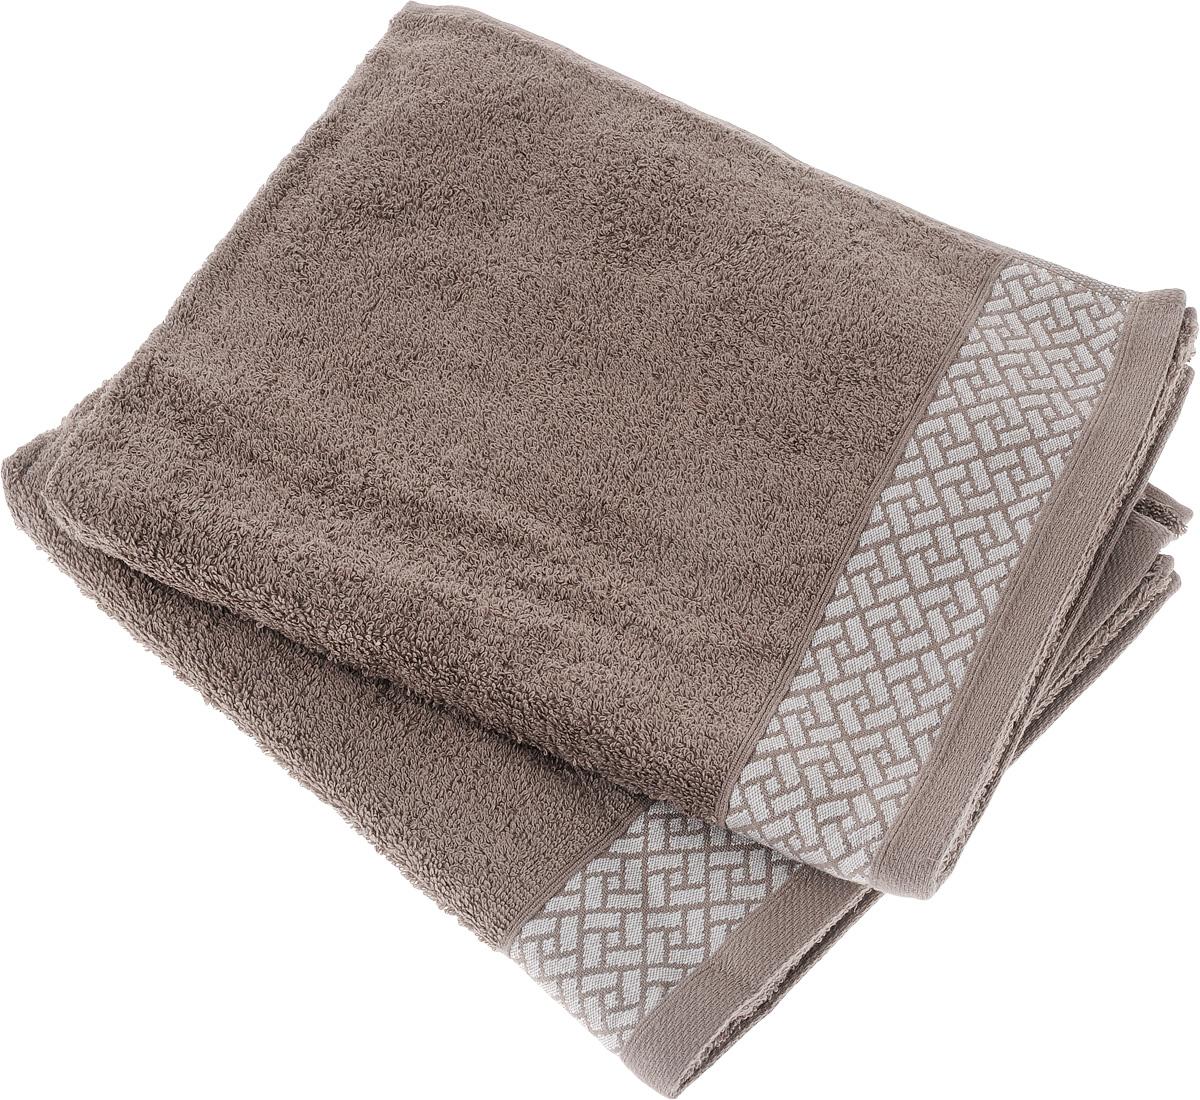 Набор полотенец Tete-a-Tete Лабиринт, цвет: кофе, 50 х 90 см, 2 шт. УП-00968/5/1Набор Tete-a-Tete Лабиринт состоит из двух махровых полотенец, выполненных из натурального 100% хлопка. Бордюр полотенец декорирован геометрическим узором. Изделия мягкие, отлично впитывают влагу, быстро сохнут, сохраняют яркость цвета и не теряют форму даже после многократных стирок. Полотенца Tete-a-Tete Лабиринт очень практичны и неприхотливы в уходе. Они легко впишутся в любой интерьер благодаря своей нежной цветовой гамме.Размер полотенца: 50 х 90 см.